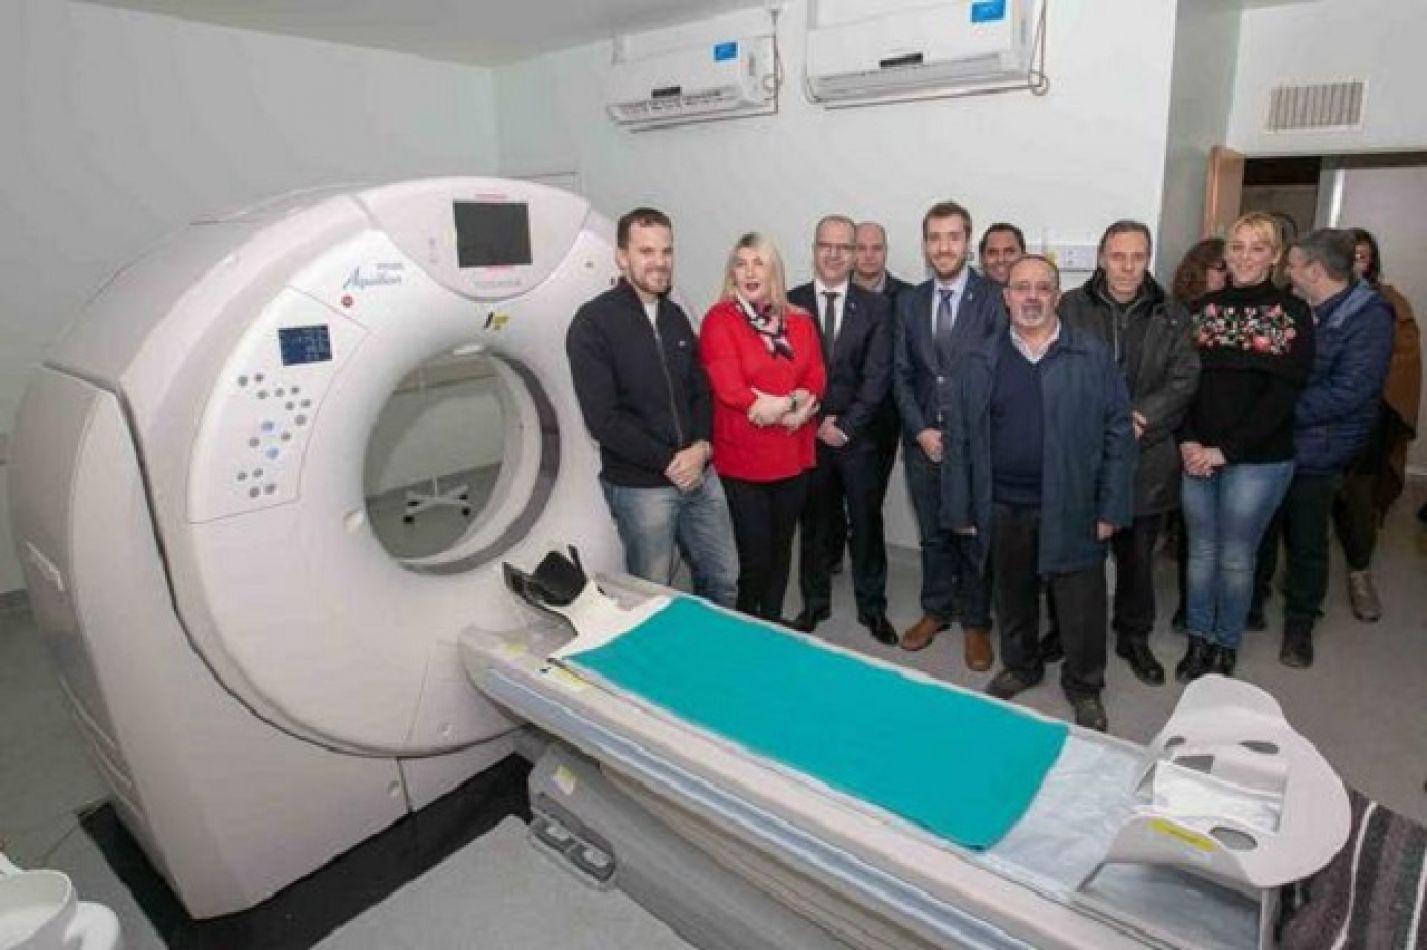 Nuevo tomógrafo para el hospital de Ushuaia.